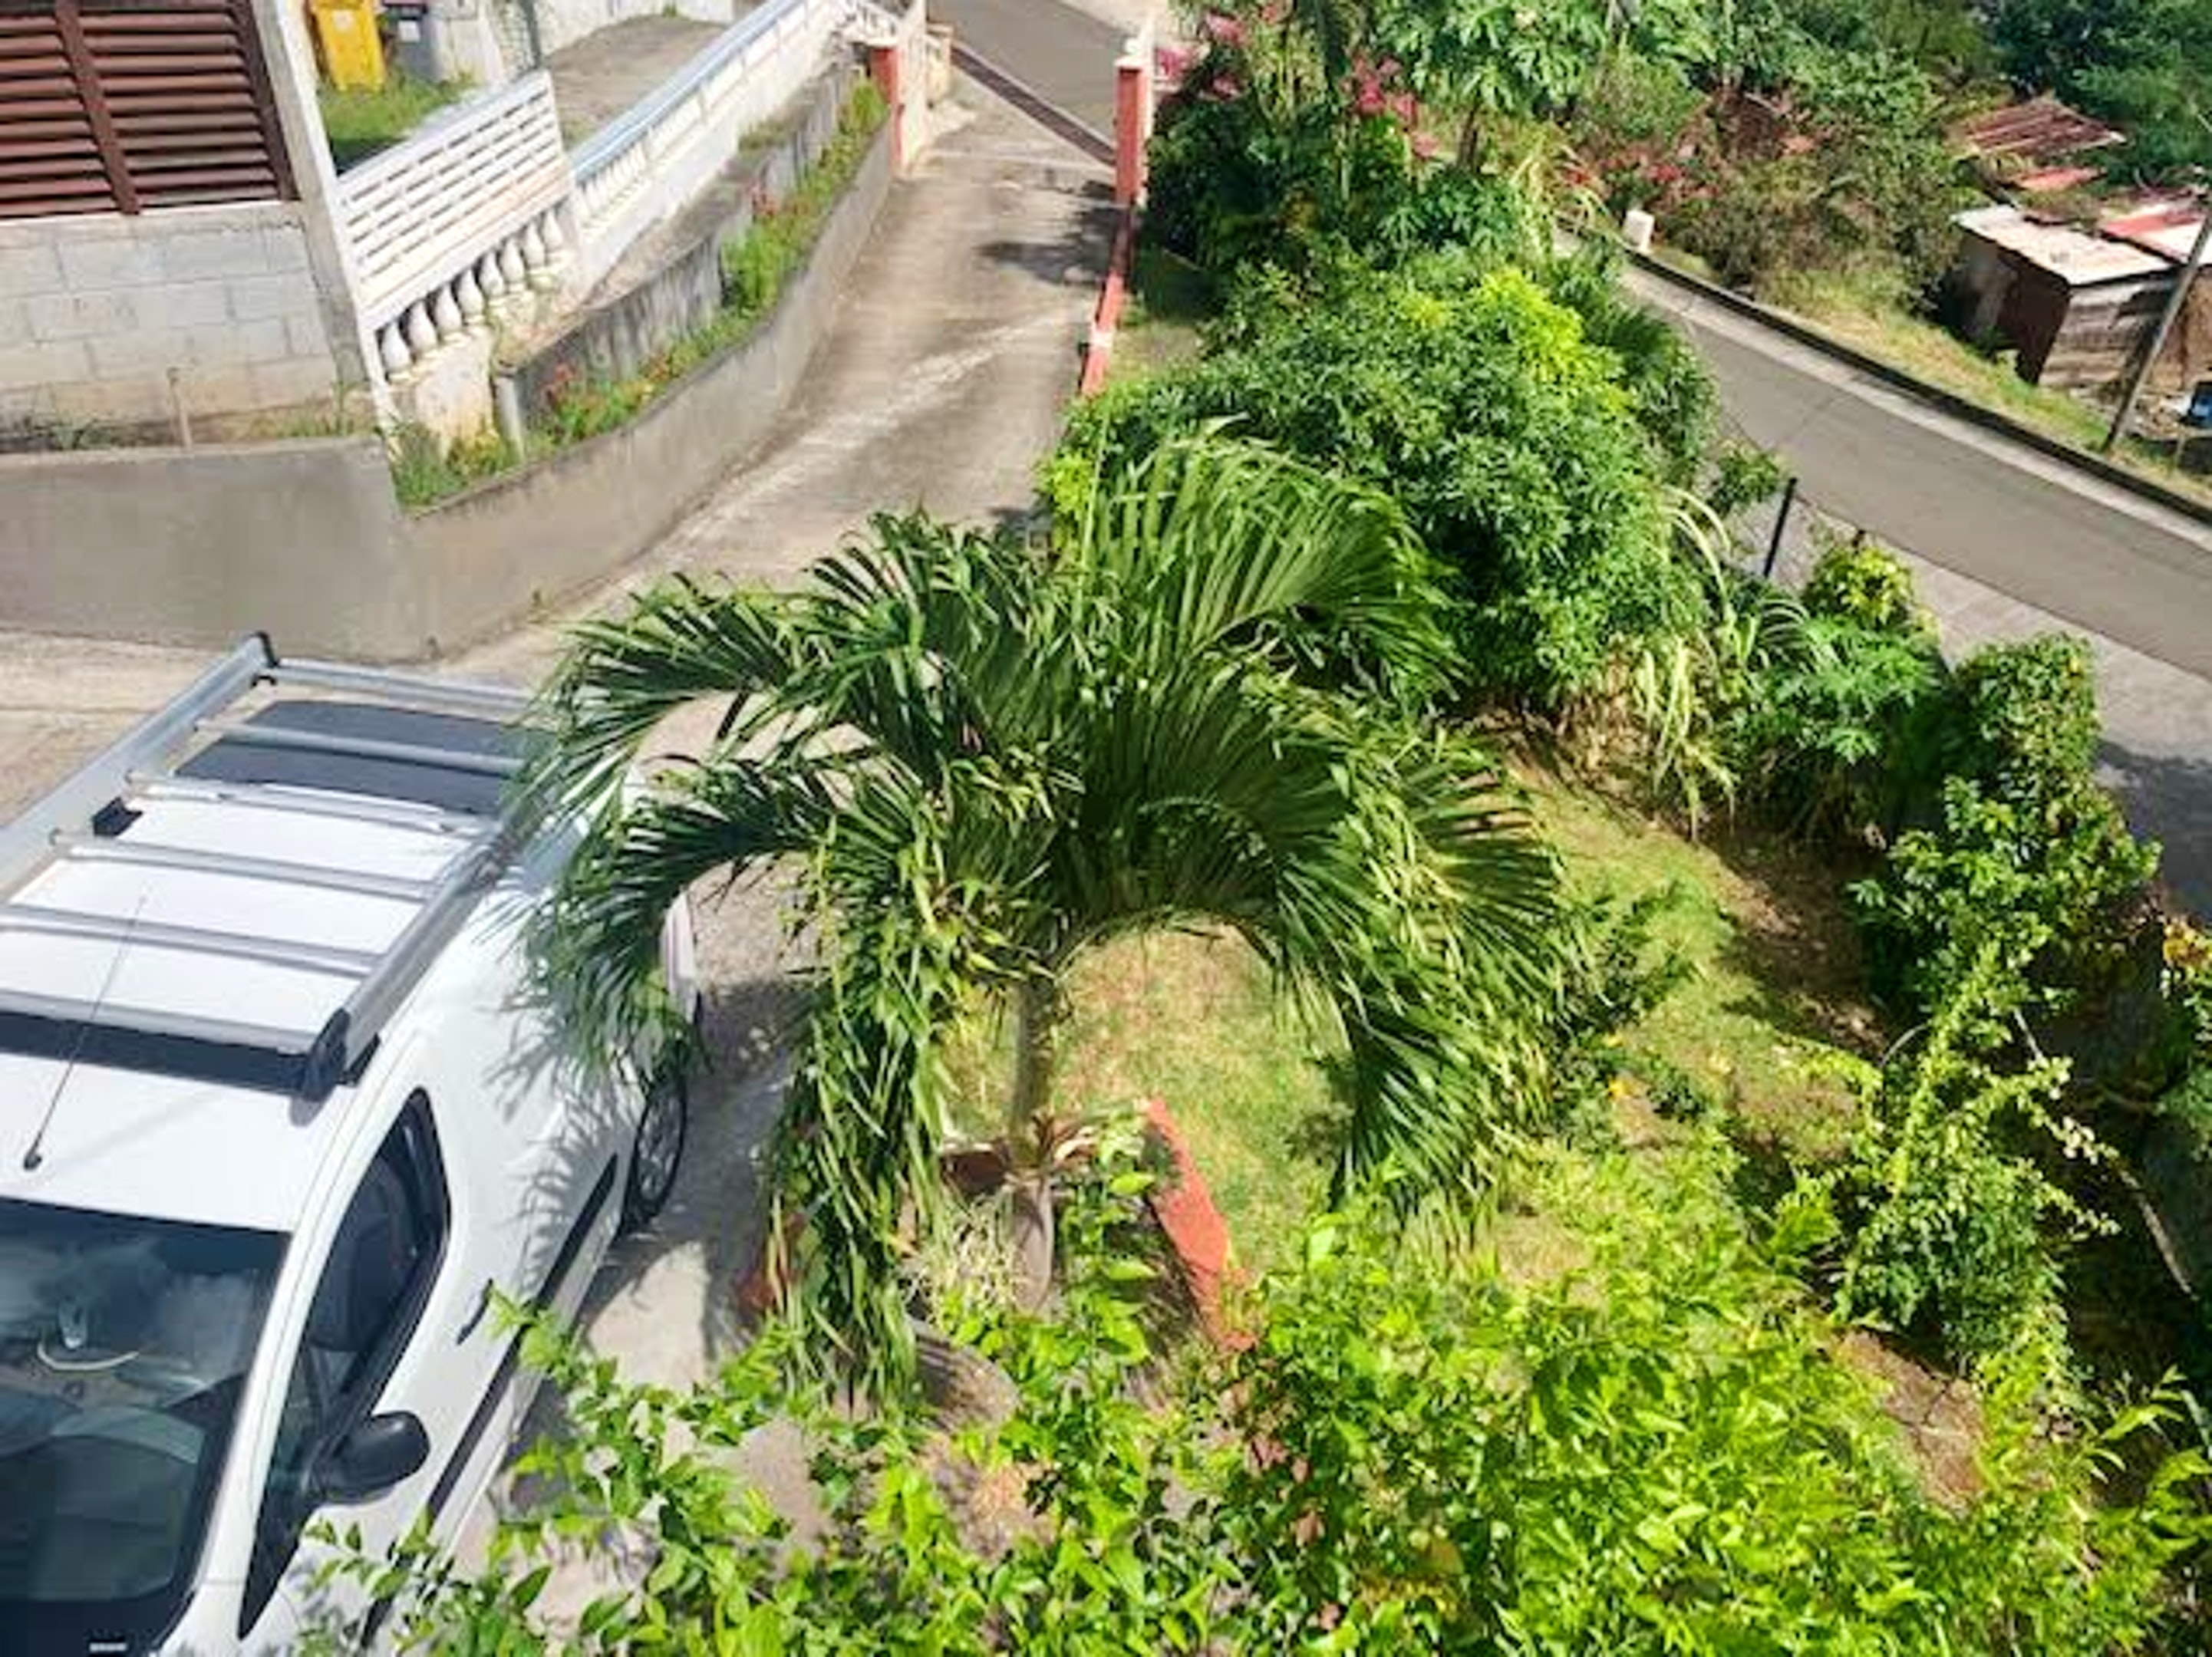 Ferienwohnung Wohnung mit 2 Schlafzimmern in Le Marin mit herrlichem Meerblick, eingezäuntem Garten und  (2732957), Le Marin, Le Marin, Martinique, Karibische Inseln, Bild 18